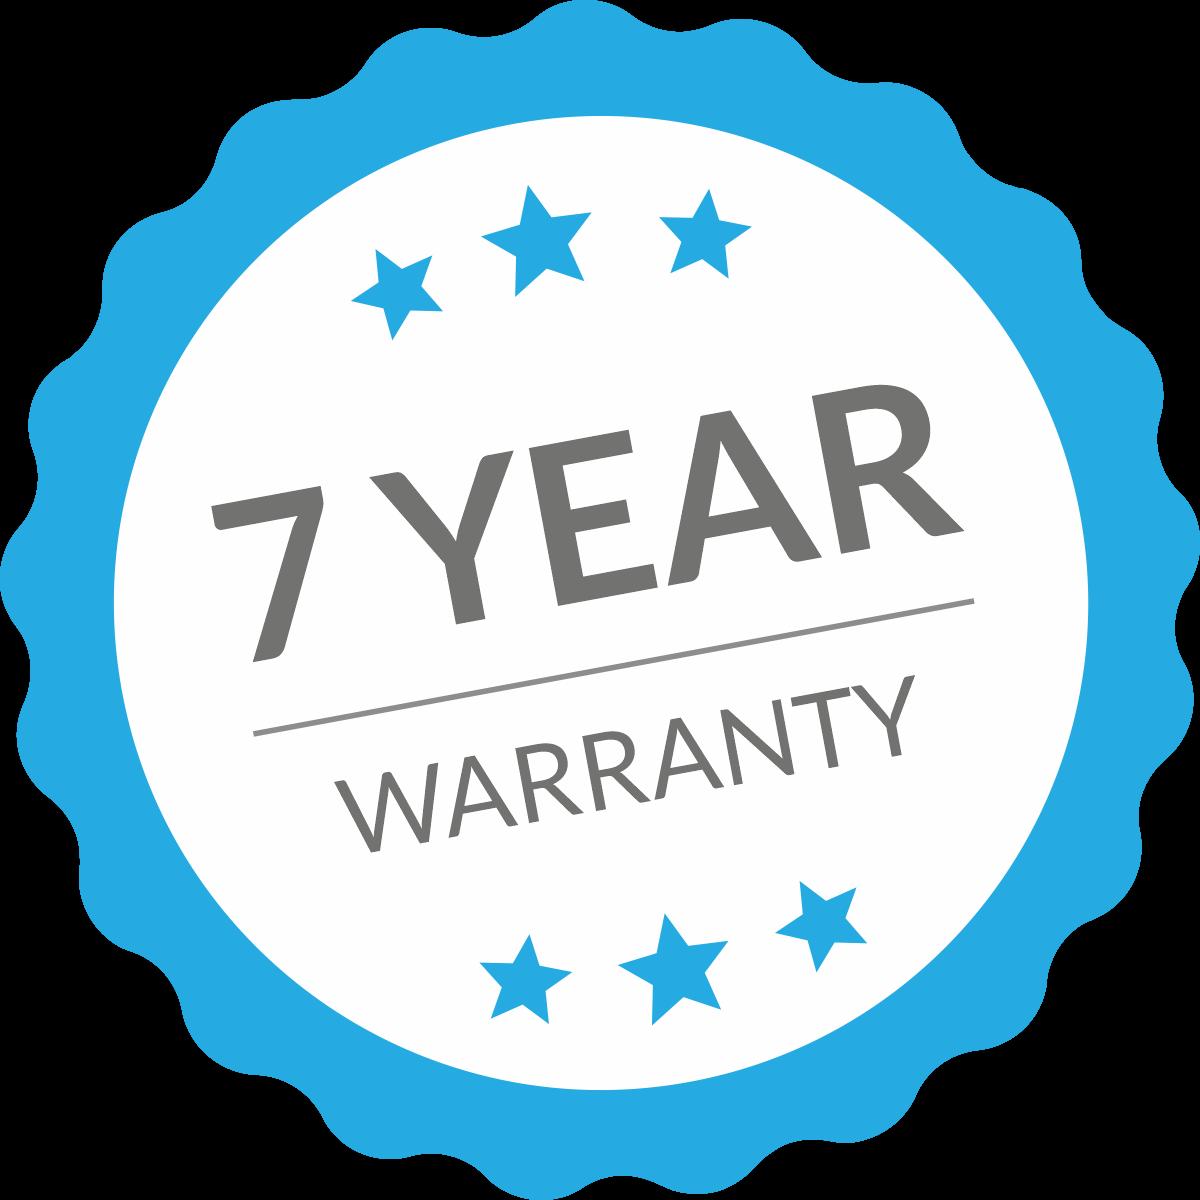 Intrior 7 year warranty